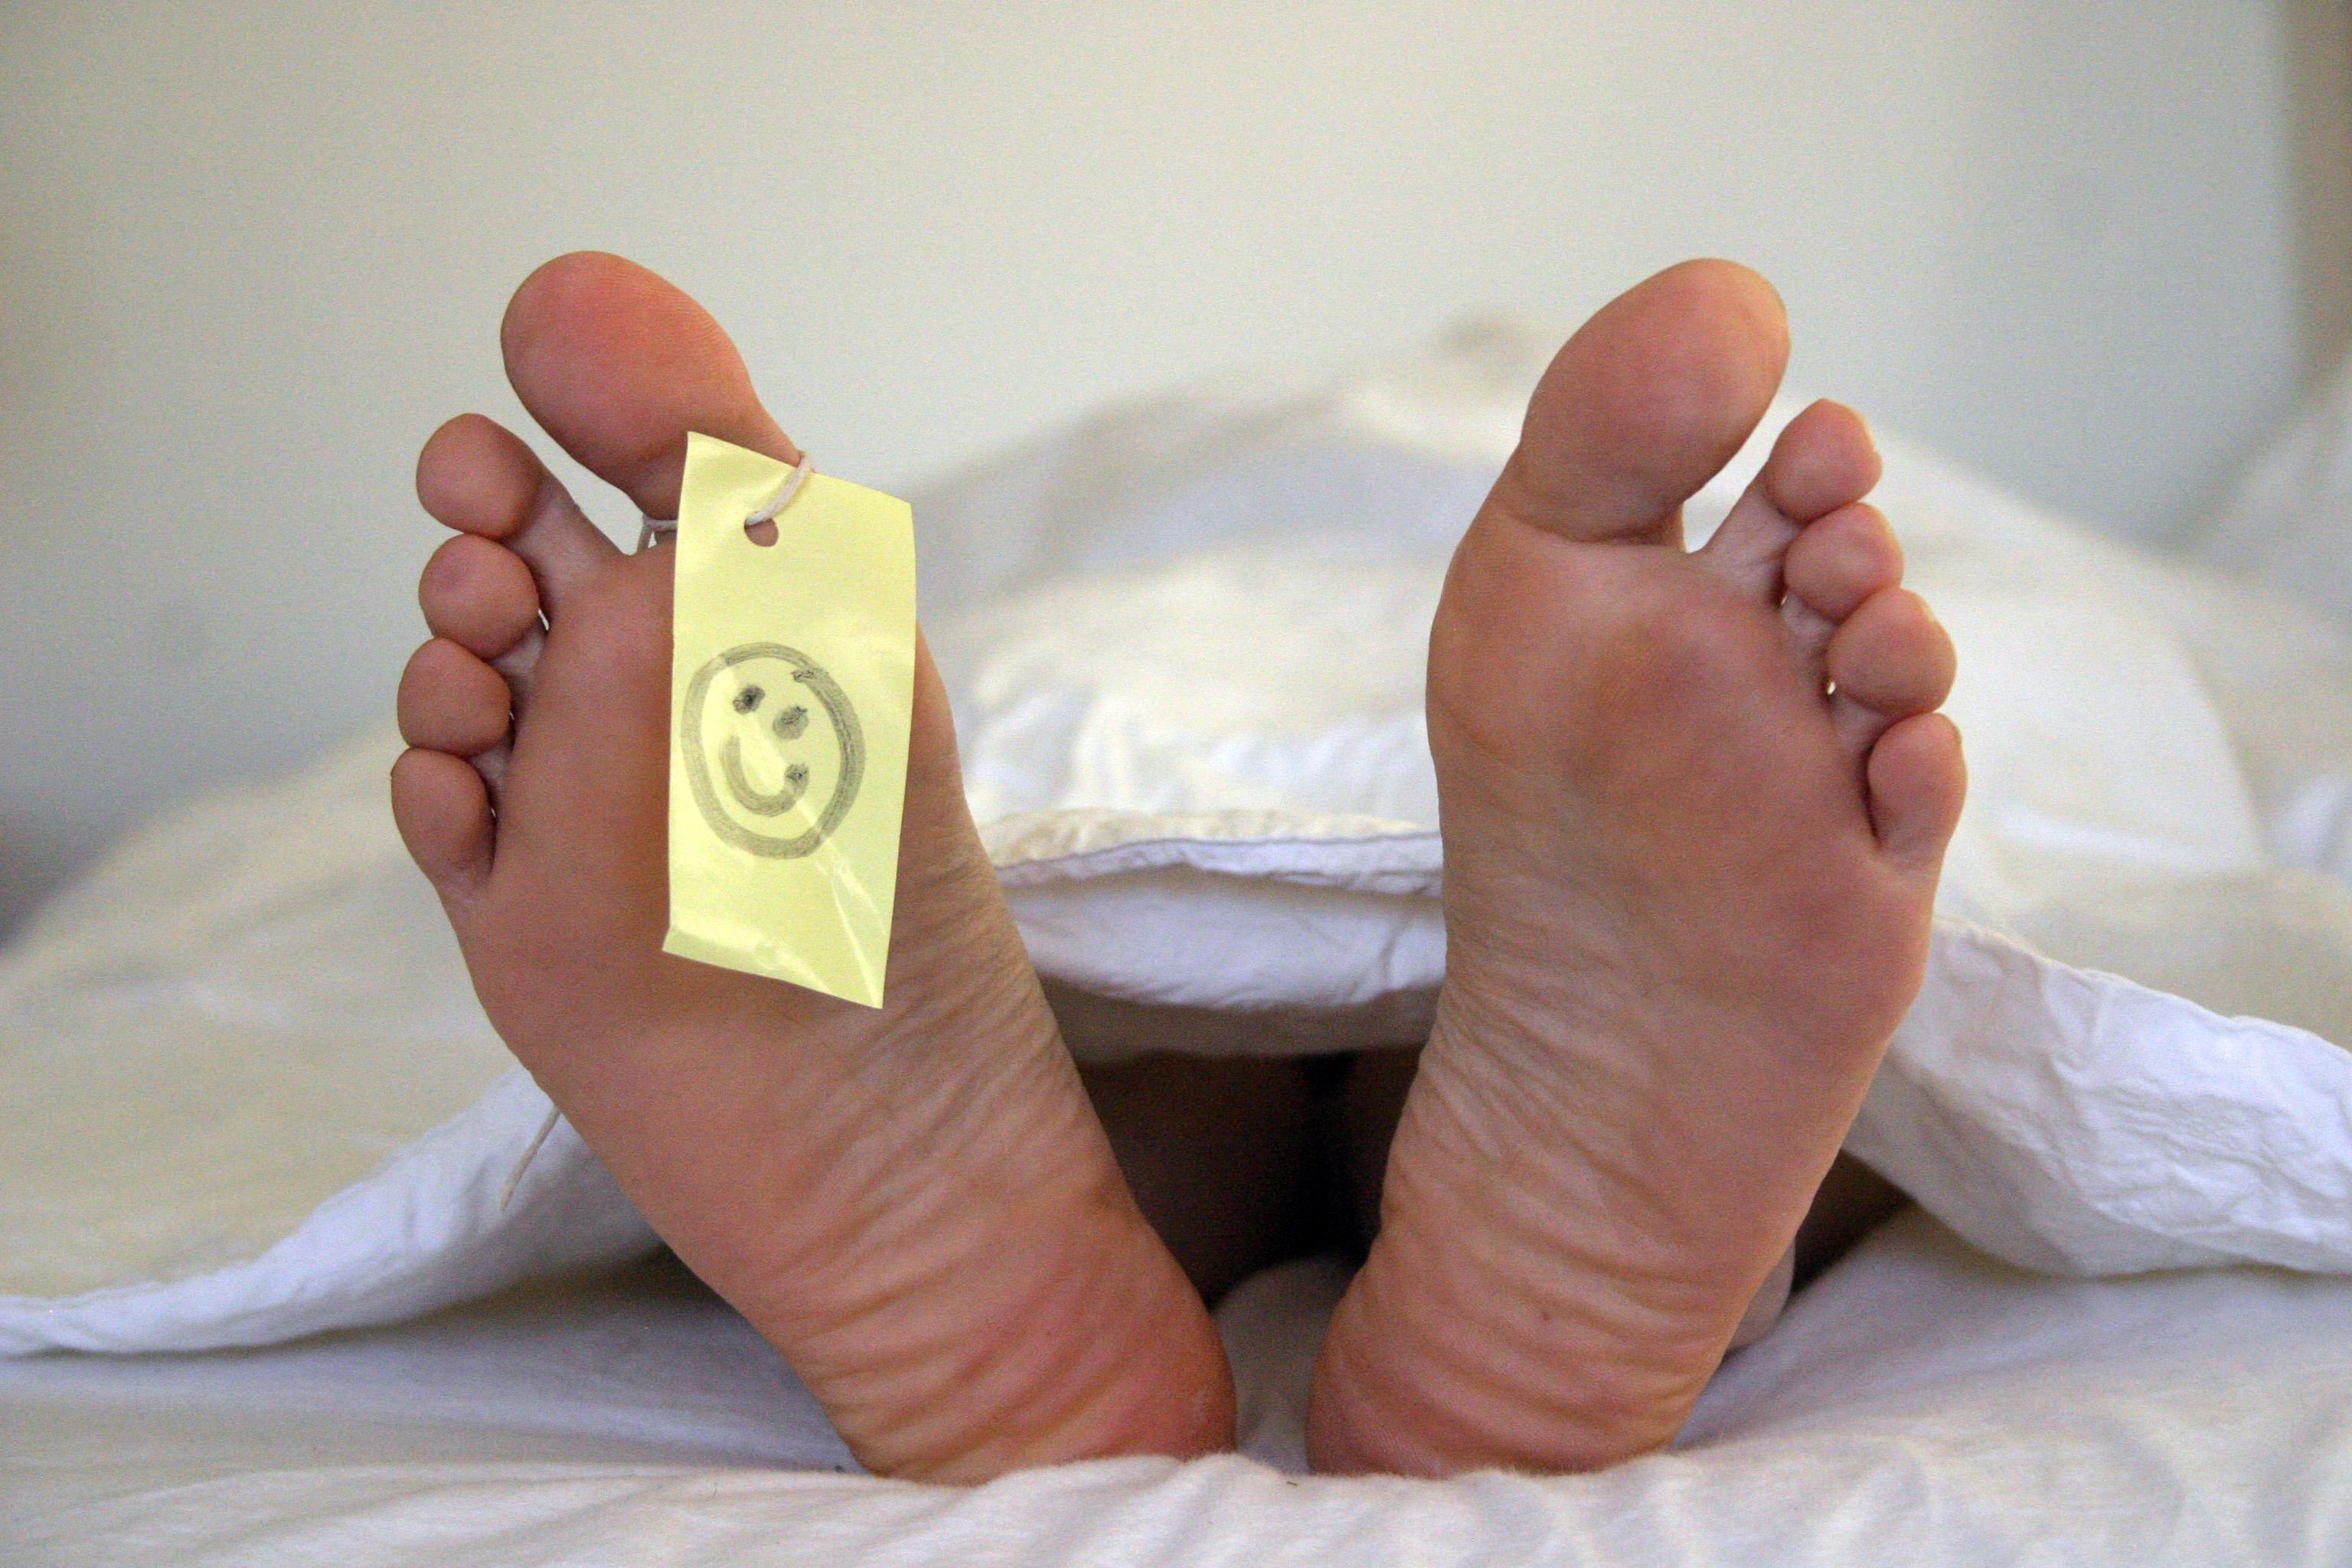 Marito tiene nel frigo moglie morta per 5 mesi